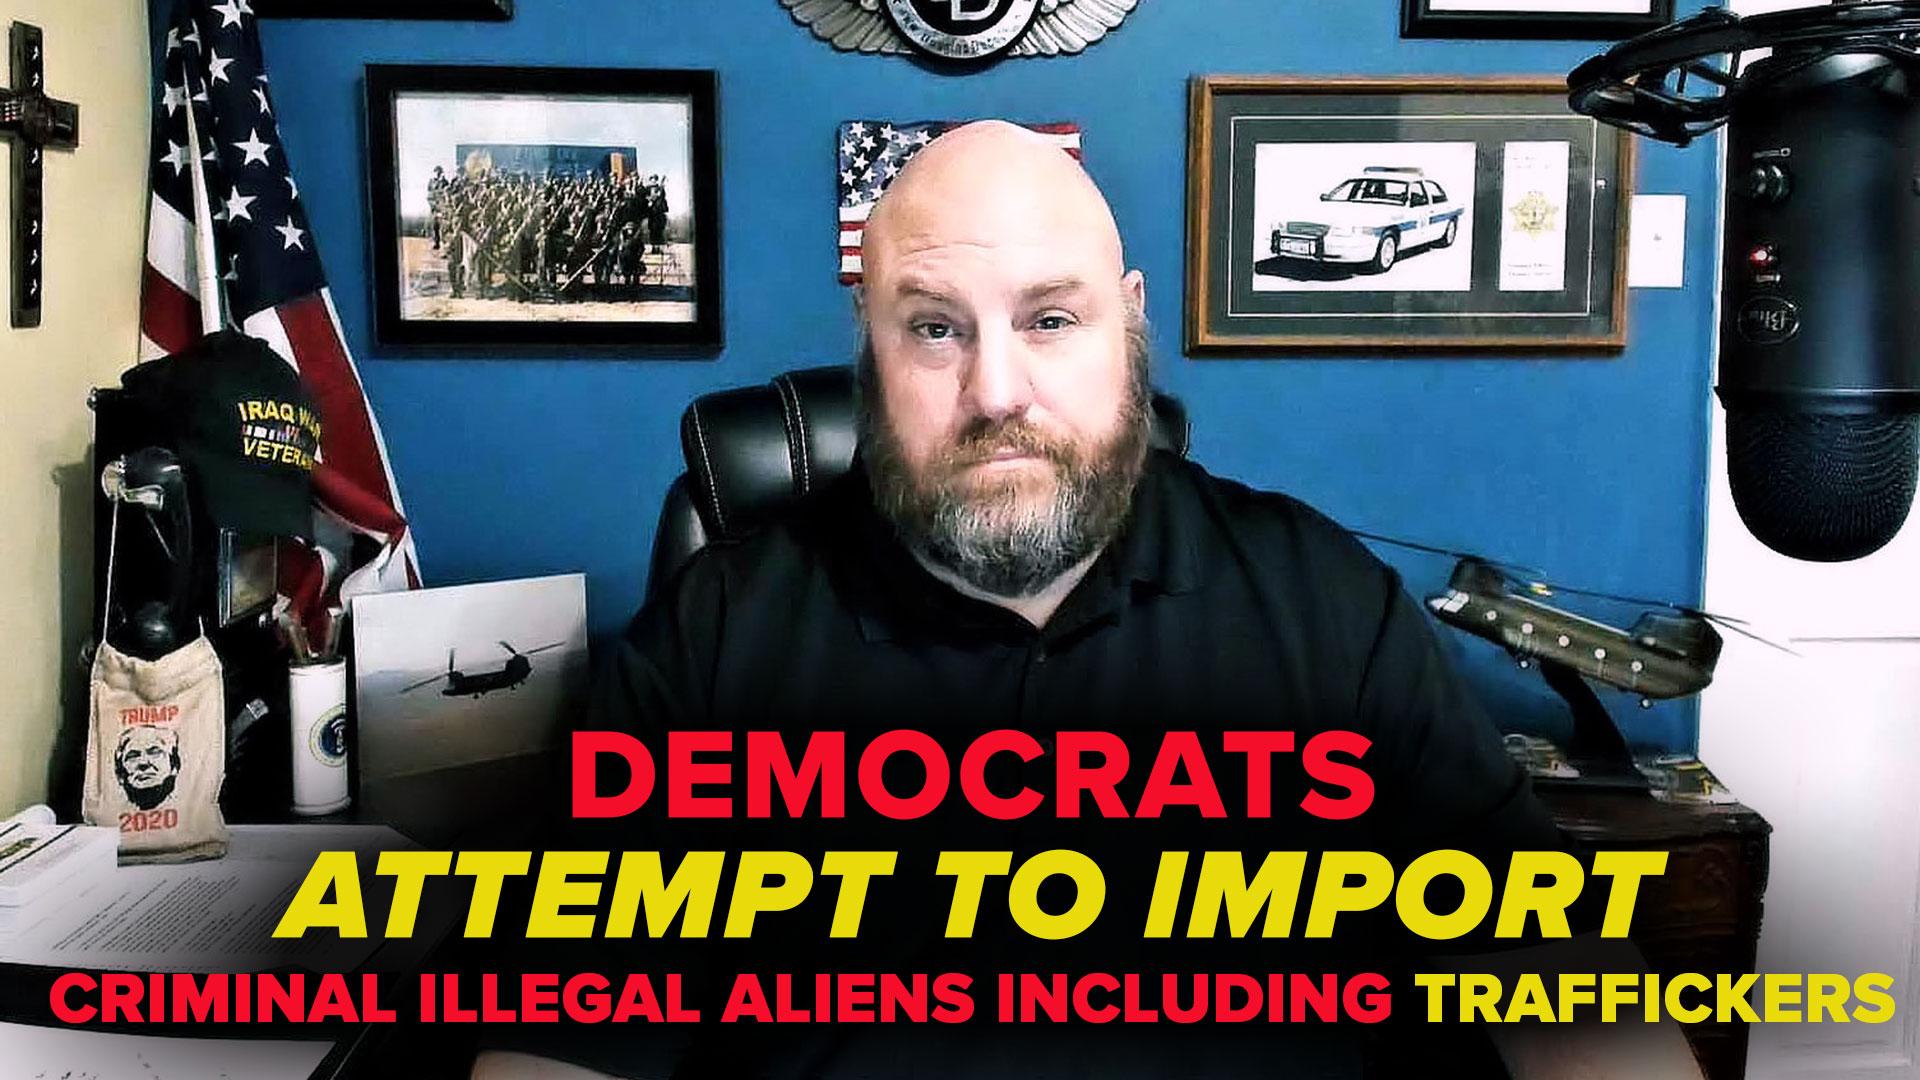 democrats-attempt-to-import-criminals